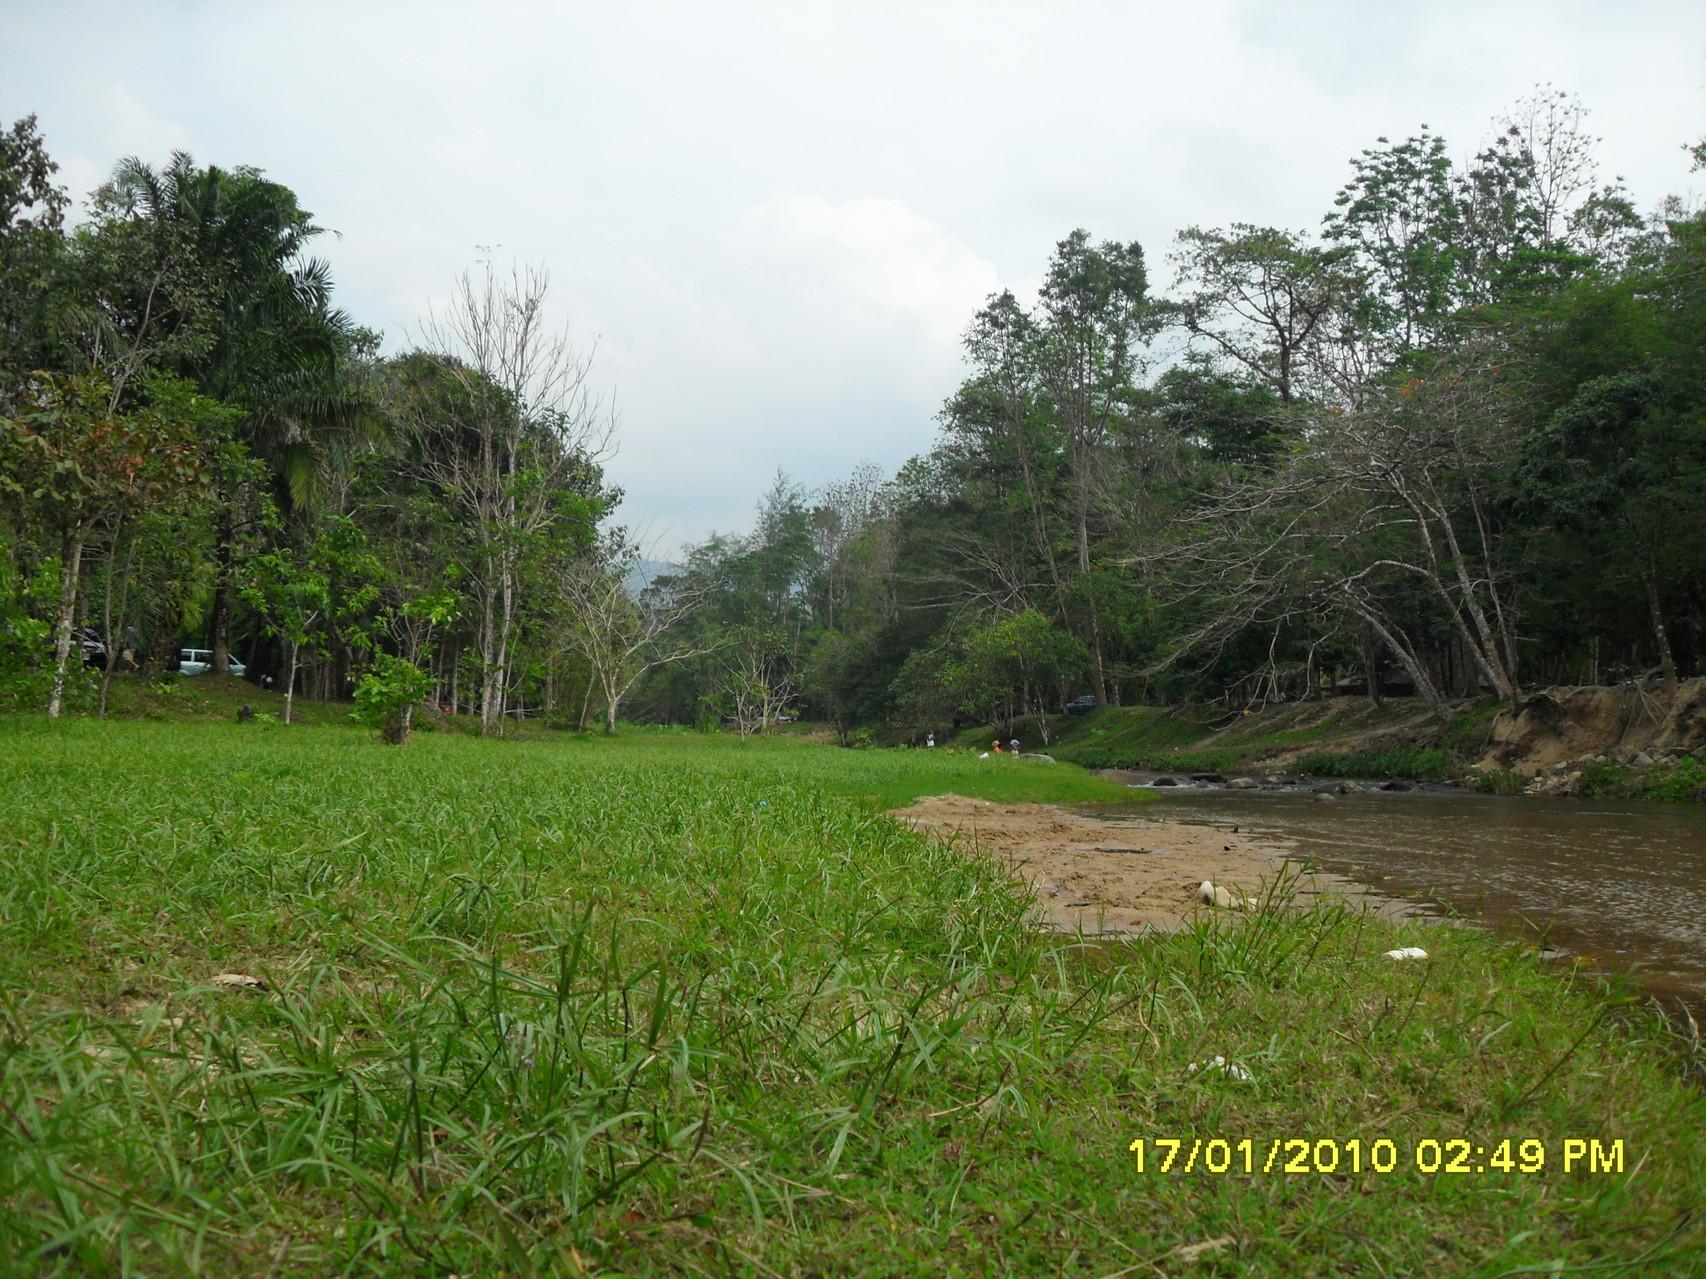 An diesem Fluss gibt es auch Uebernachtungsmöglichkeiten, wieso nicht mal ein Wochenende mit baden, grillieren und ausspannen verbringen?!